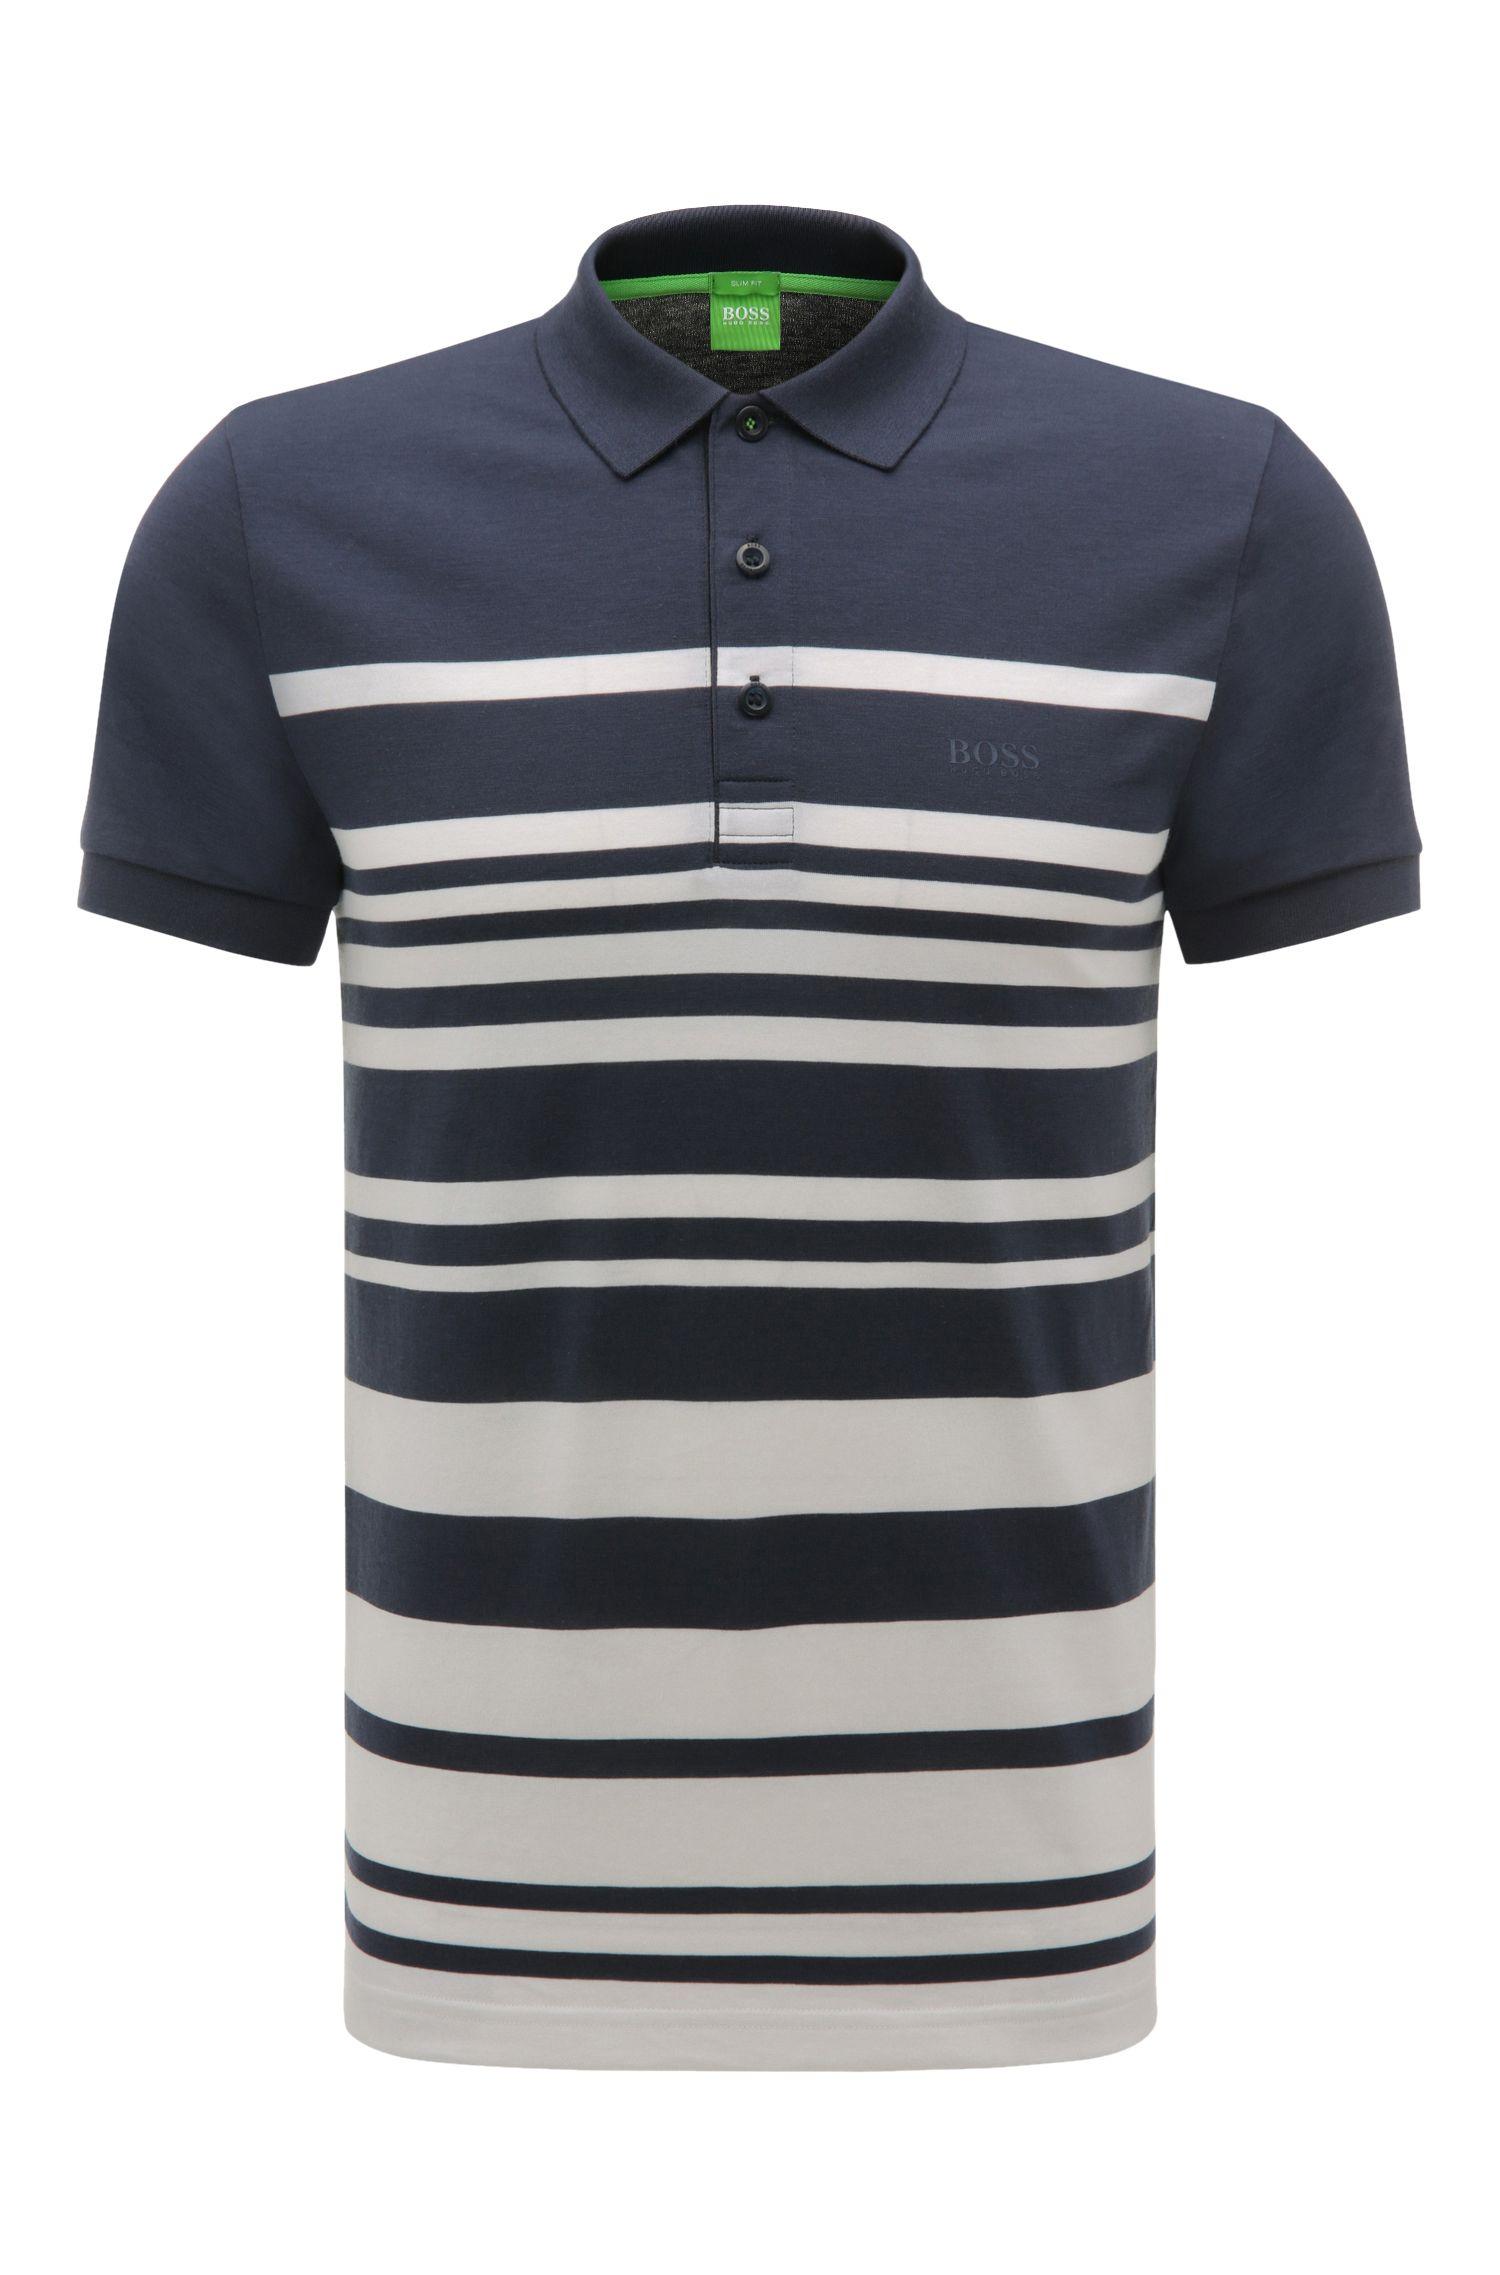 'Paule' | Slim Fit, Cotton Blend Striped Polo